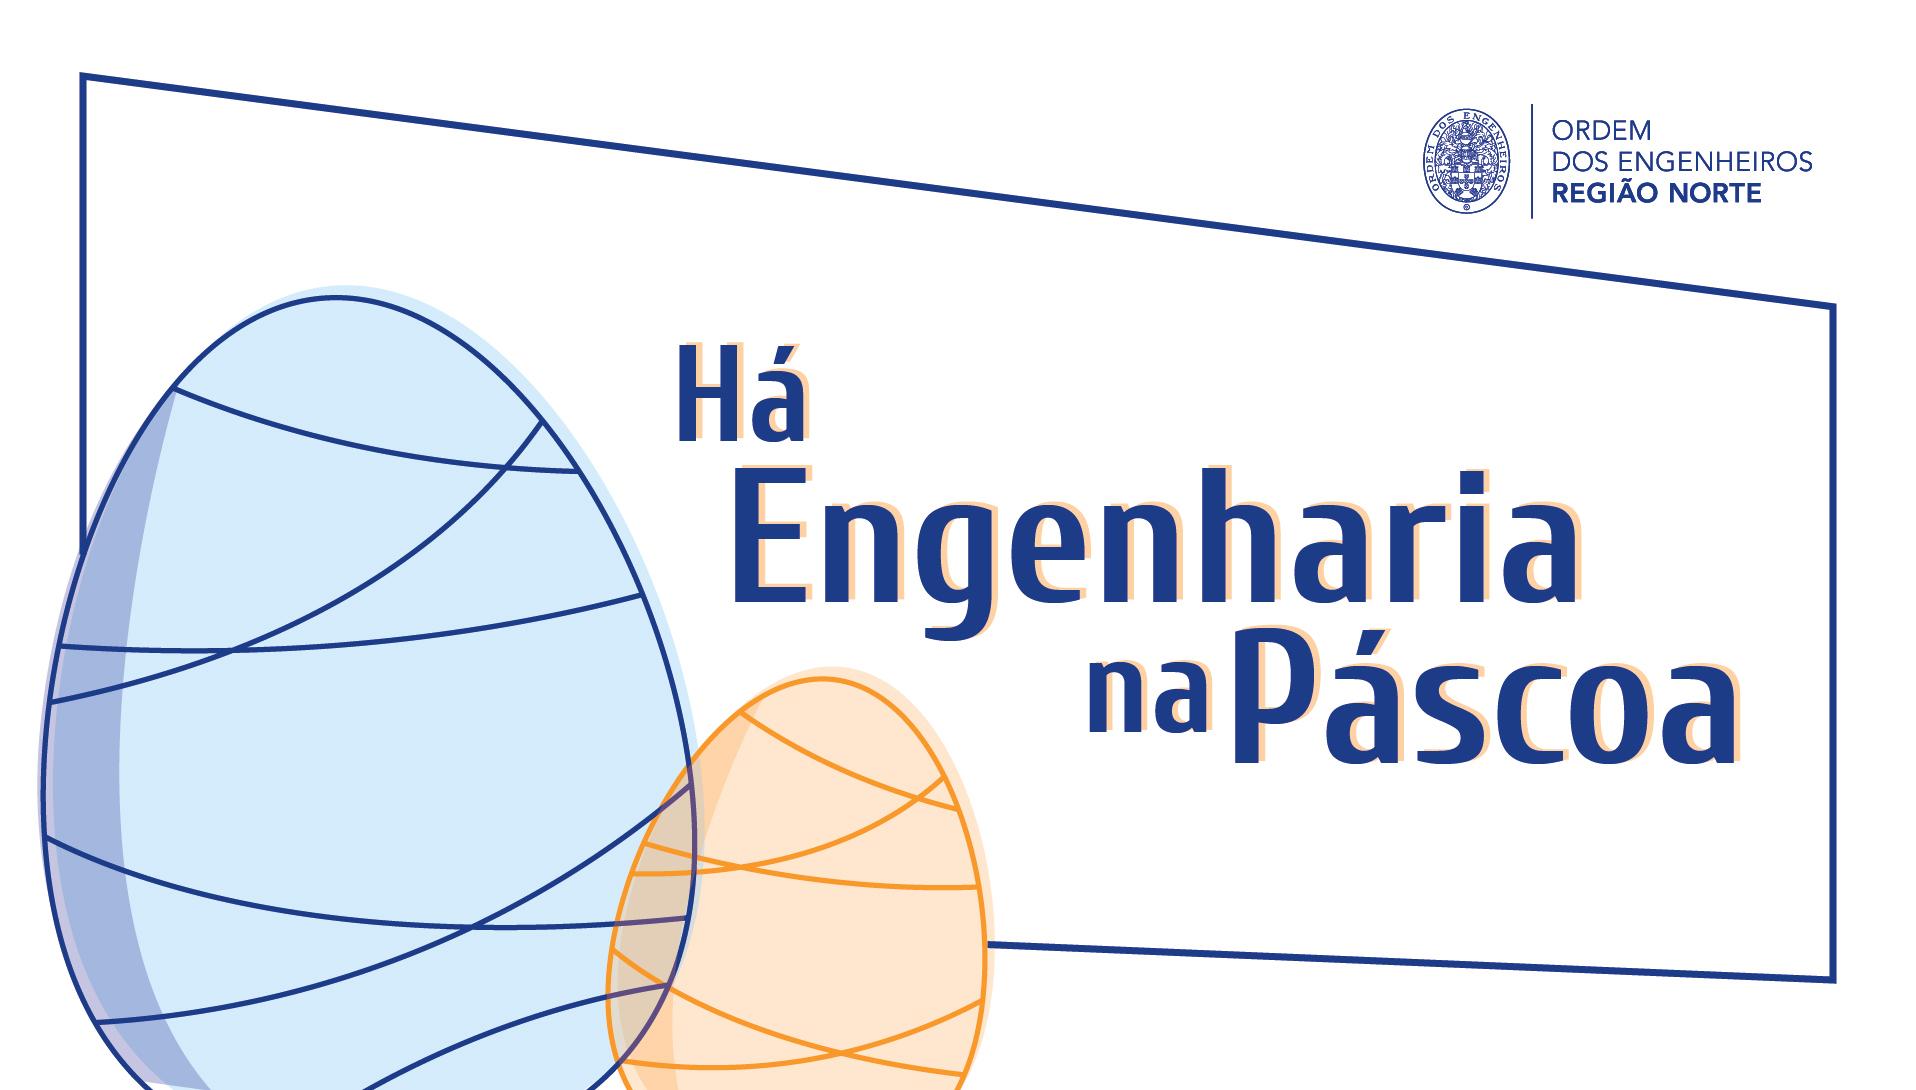 Plataforma Notícias Ordem Engenheiros Região Norte - Há Engenharia na Páscoa